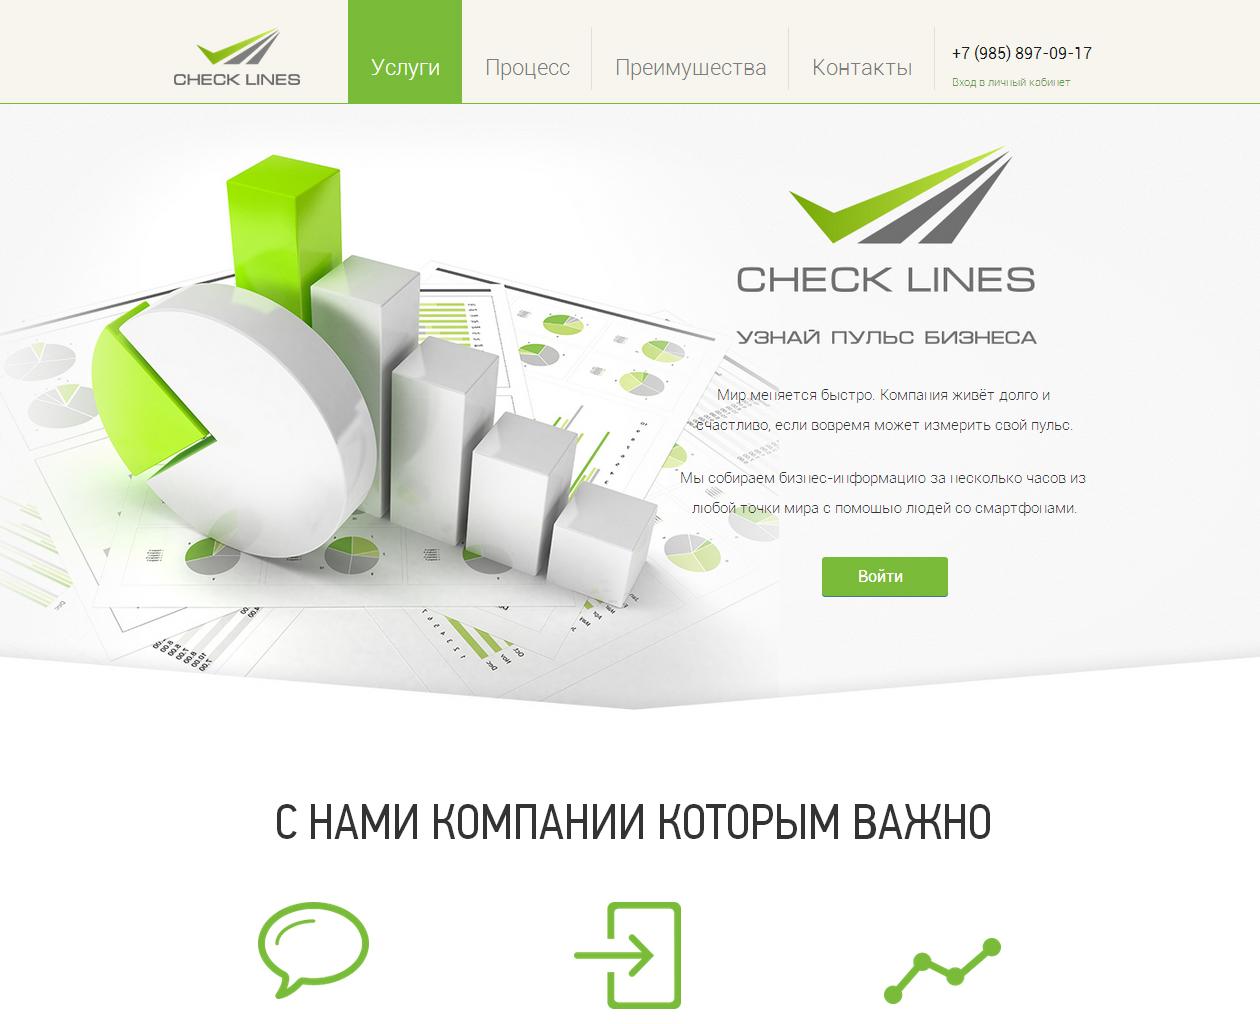 Сайт для стартапа Checklines (Москва)